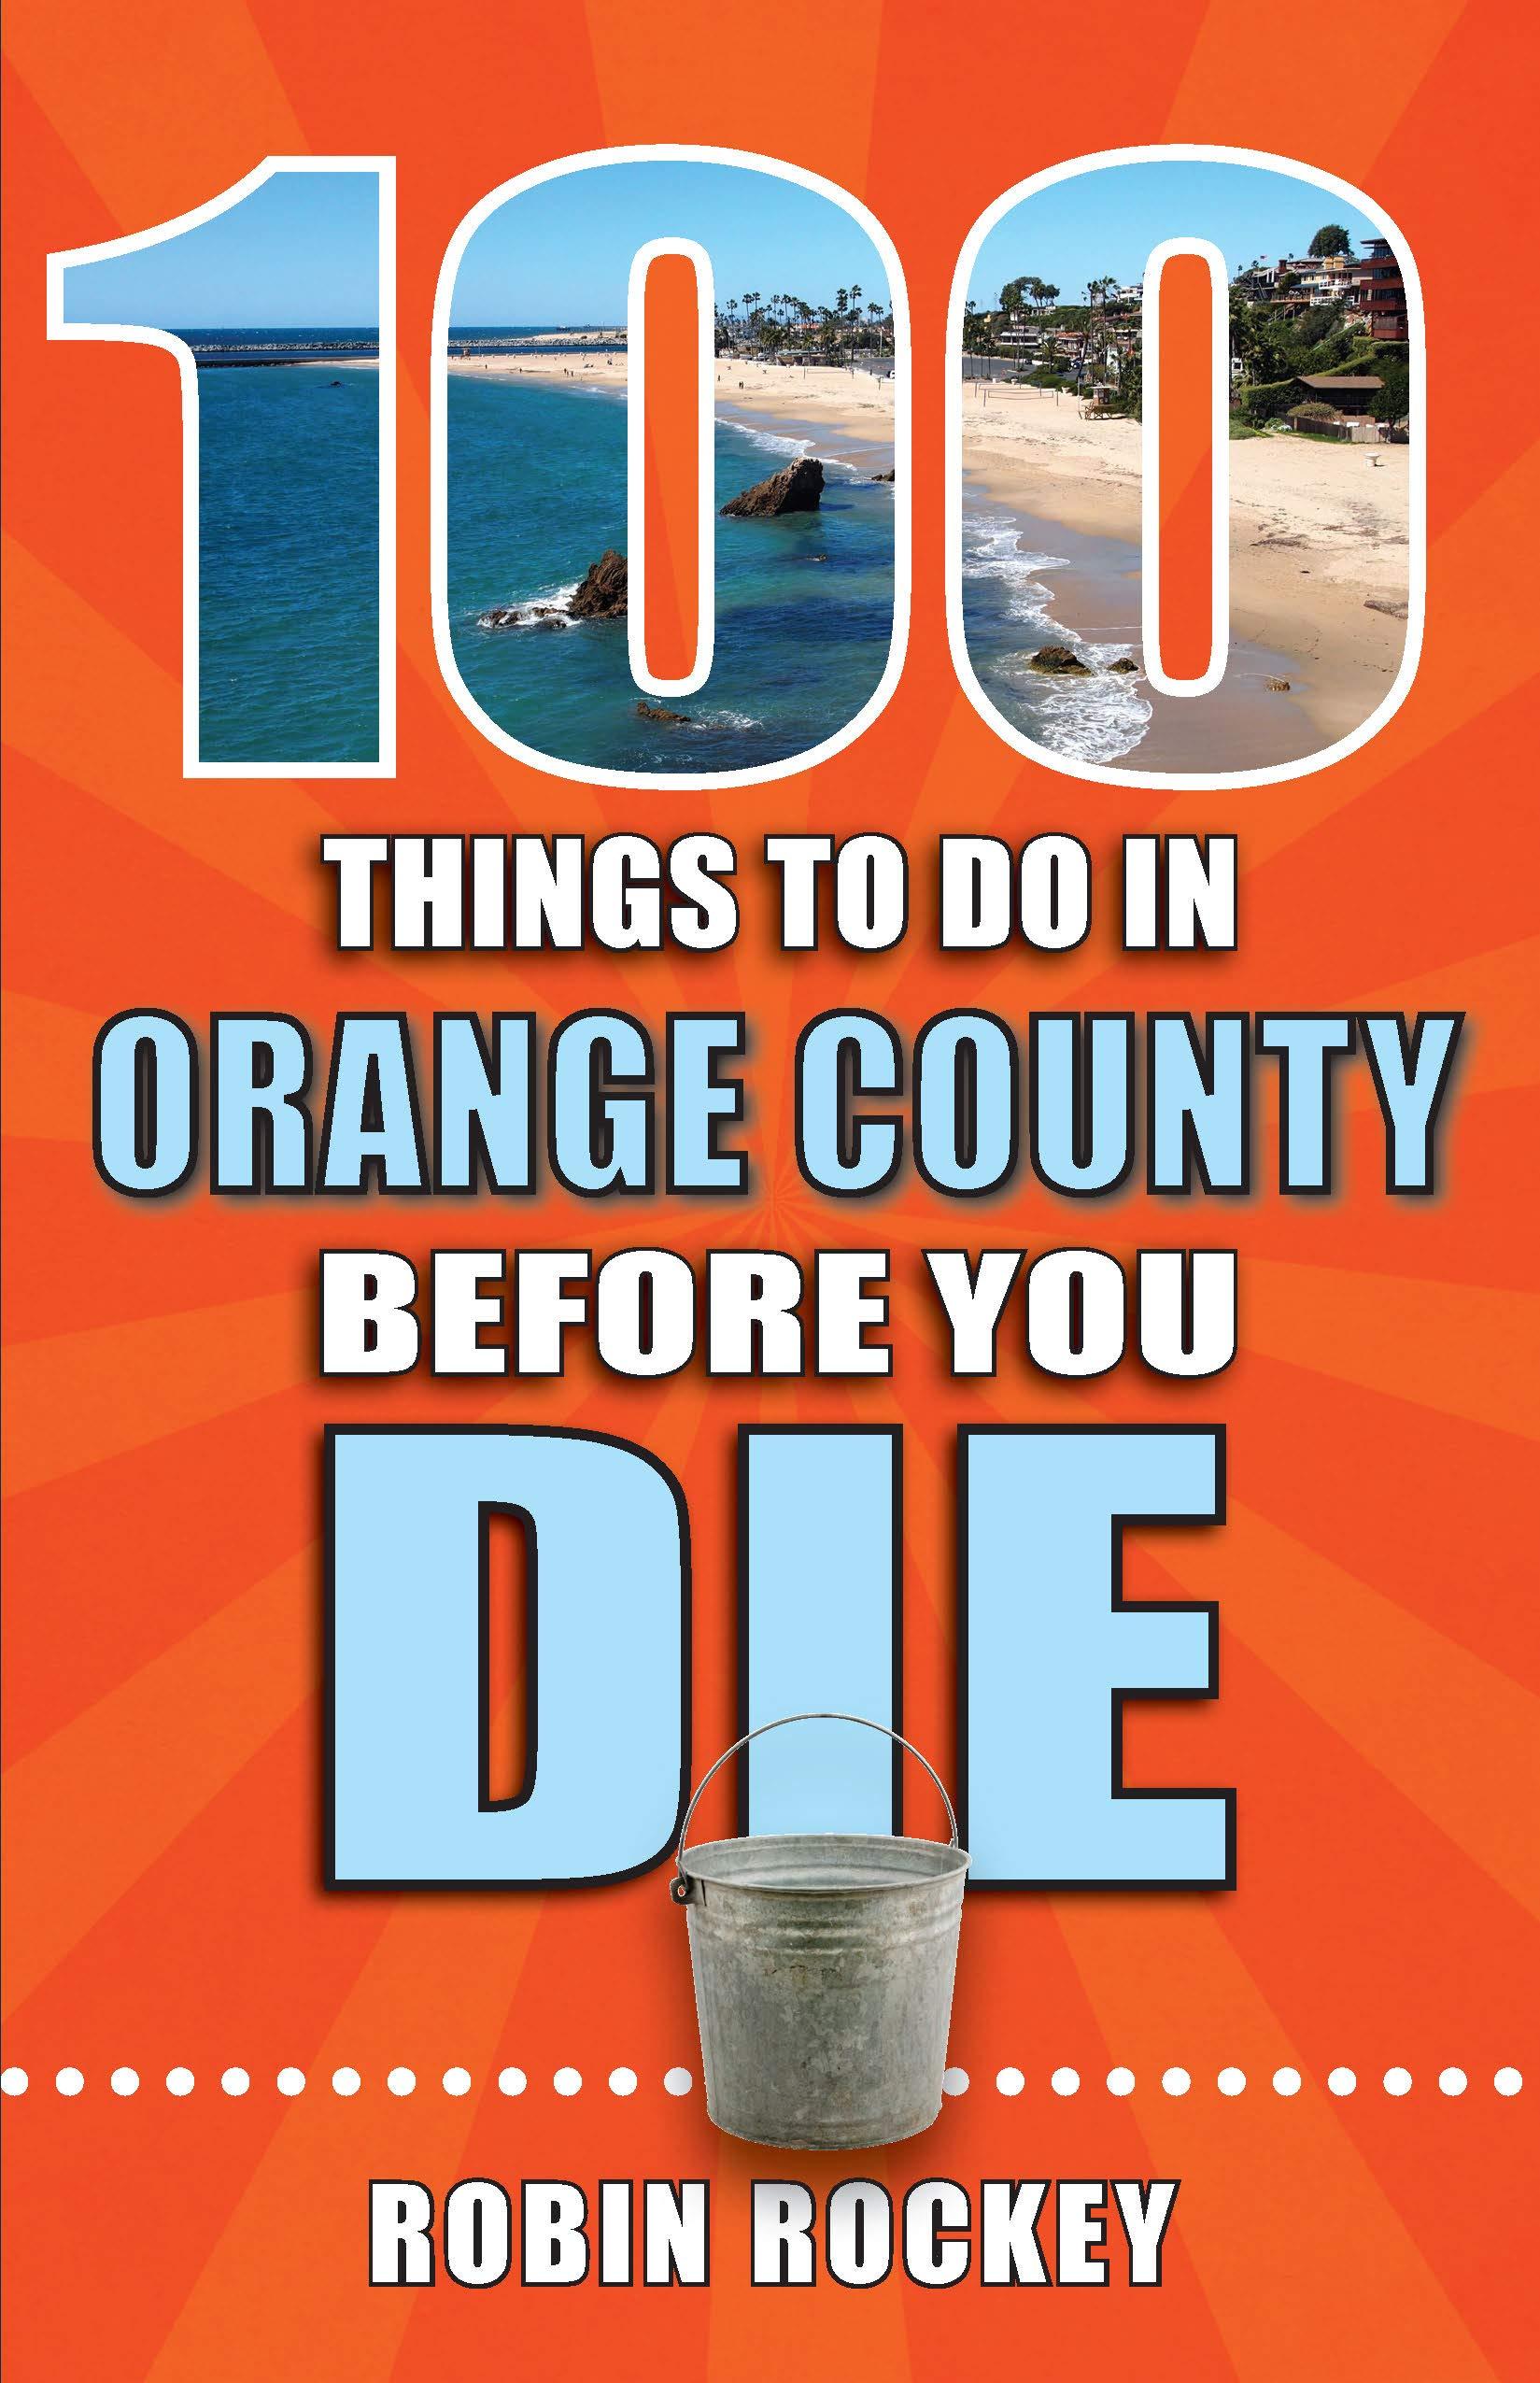 dating site- ul orange county ce site- ul online de dating este potrivit pentru mine